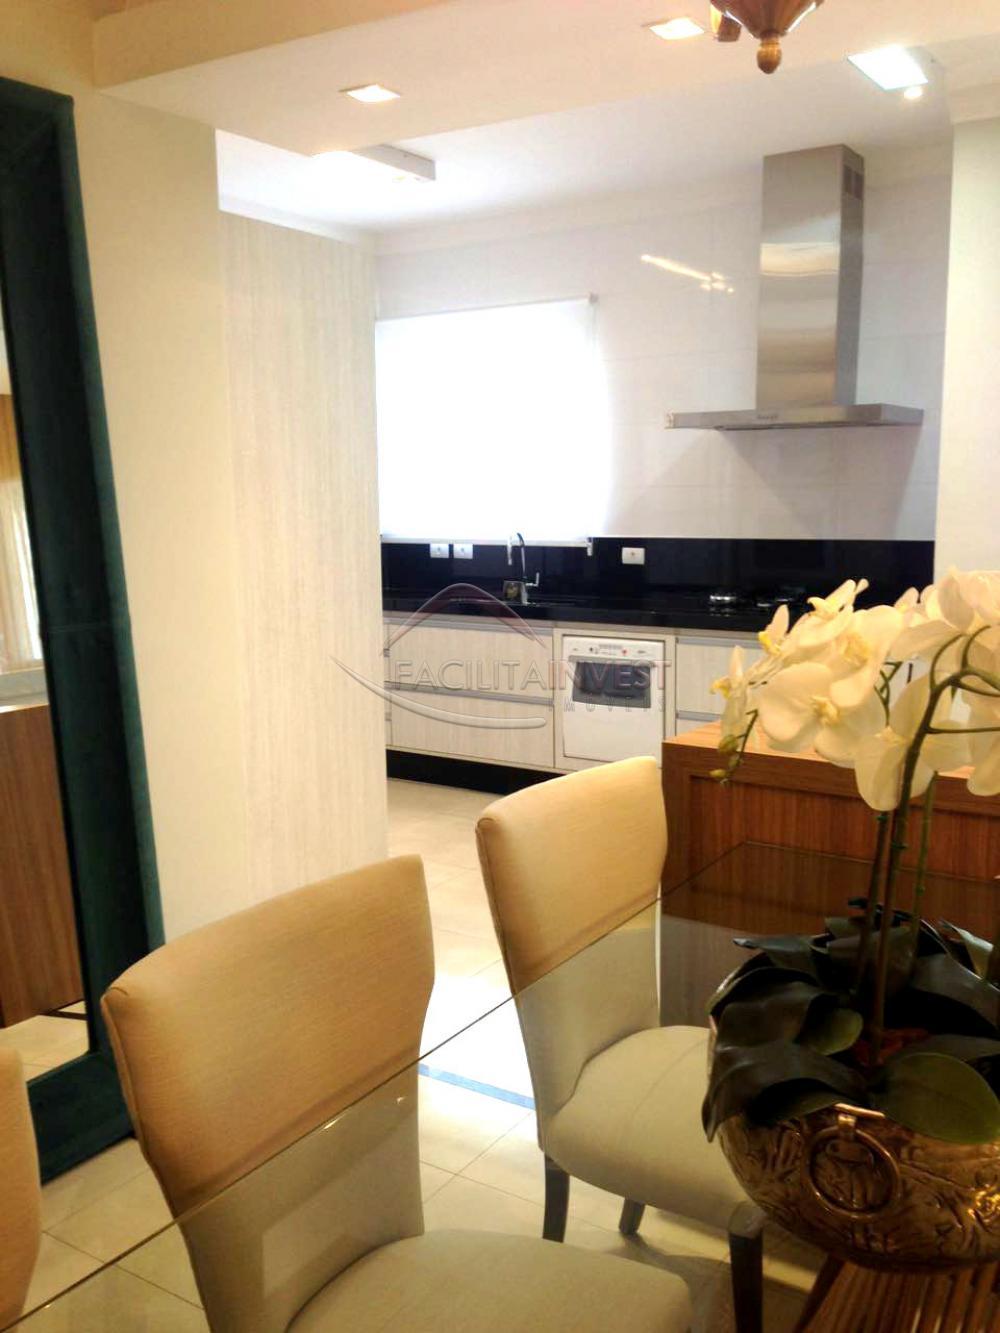 Comprar Lançamentos/ Empreendimentos em Construç / Apartamento padrão - Lançamento em Ribeirão Preto apenas R$ 958.391,00 - Foto 4